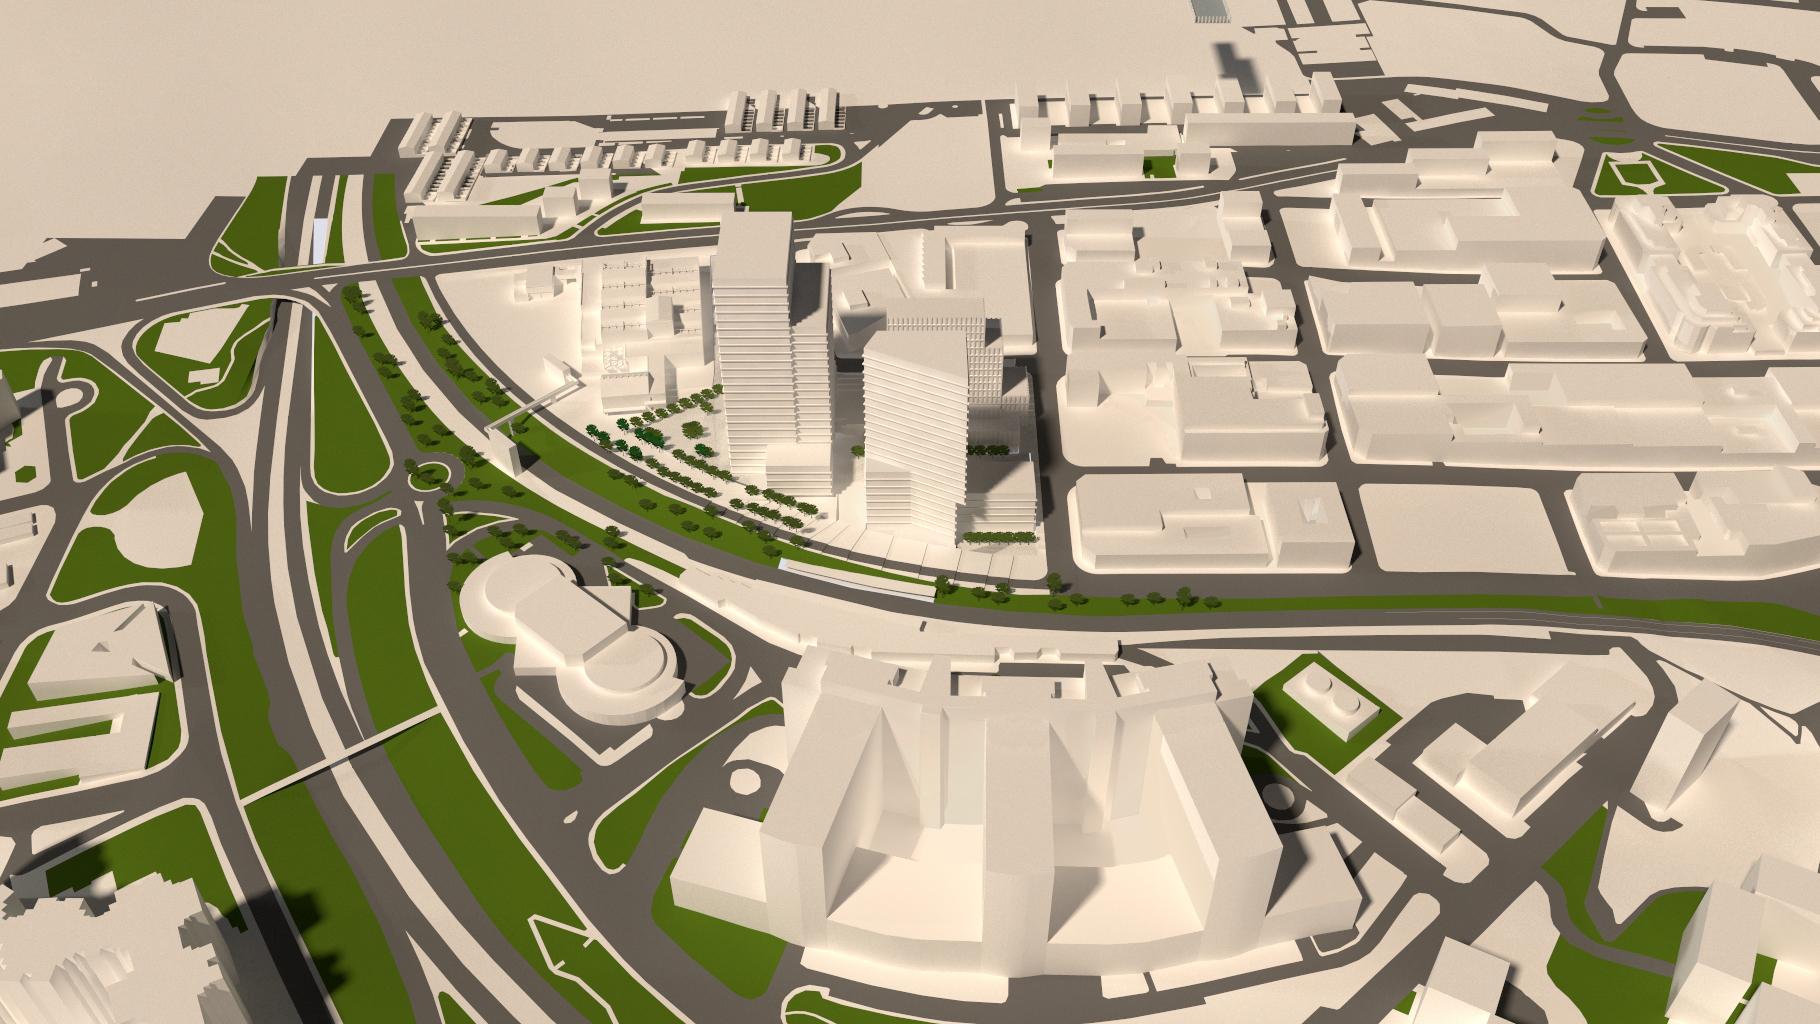 Proyecto de Metrovacesa para la antigua fábrica de Clesa.  / Metrovacesa